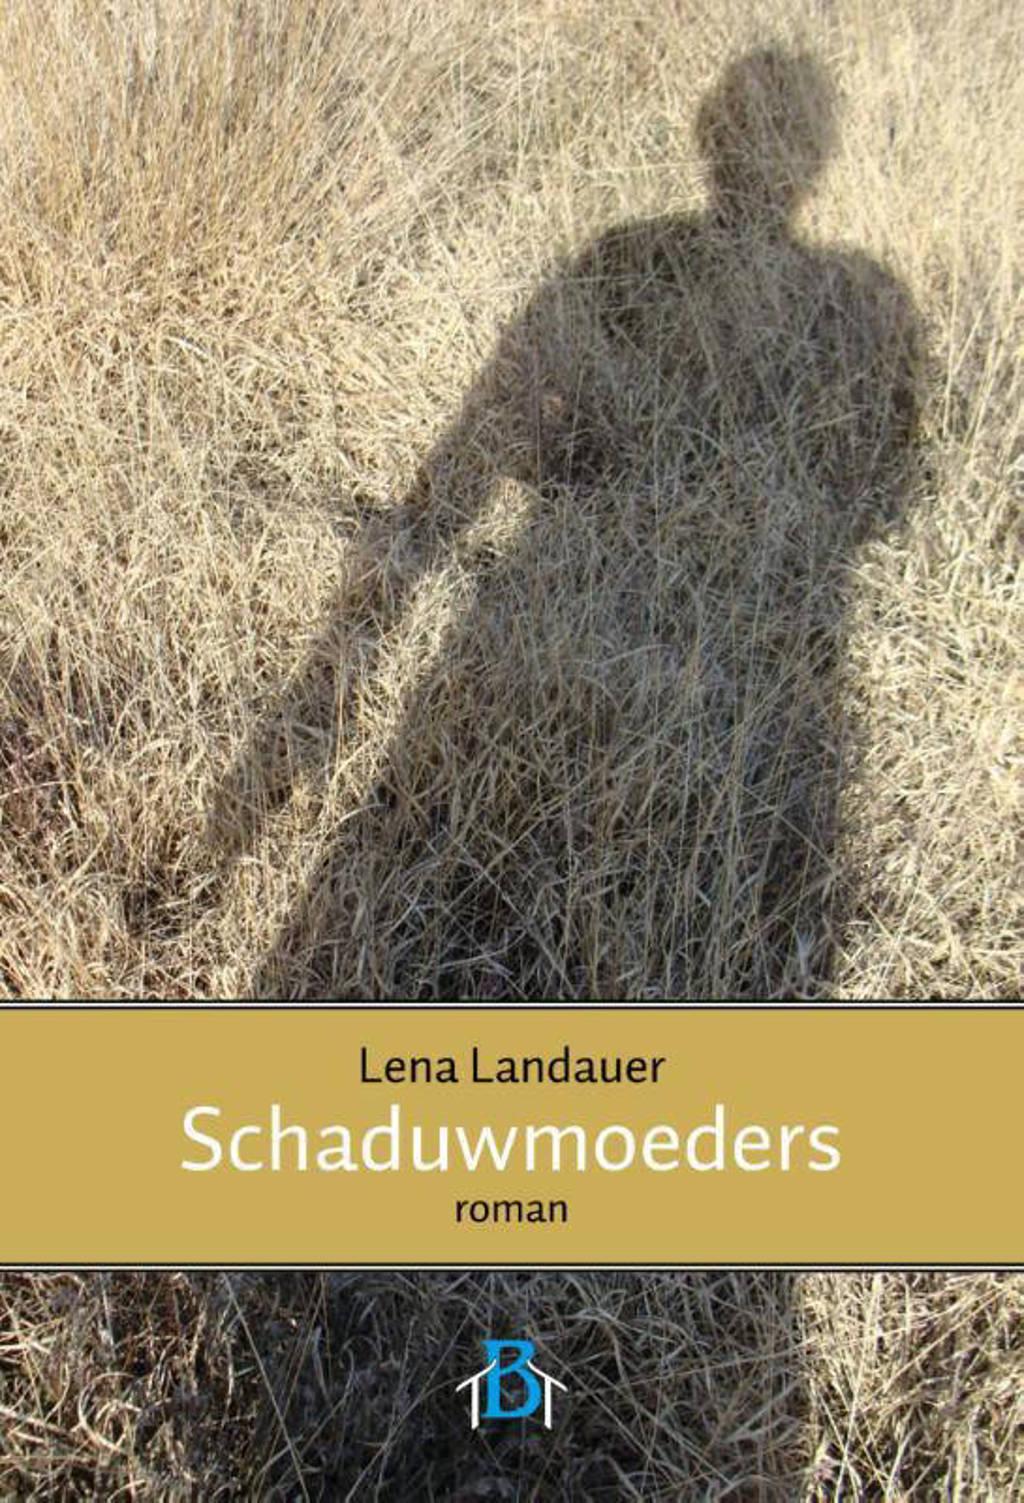 Schaduwmoeders - Lena Landauer